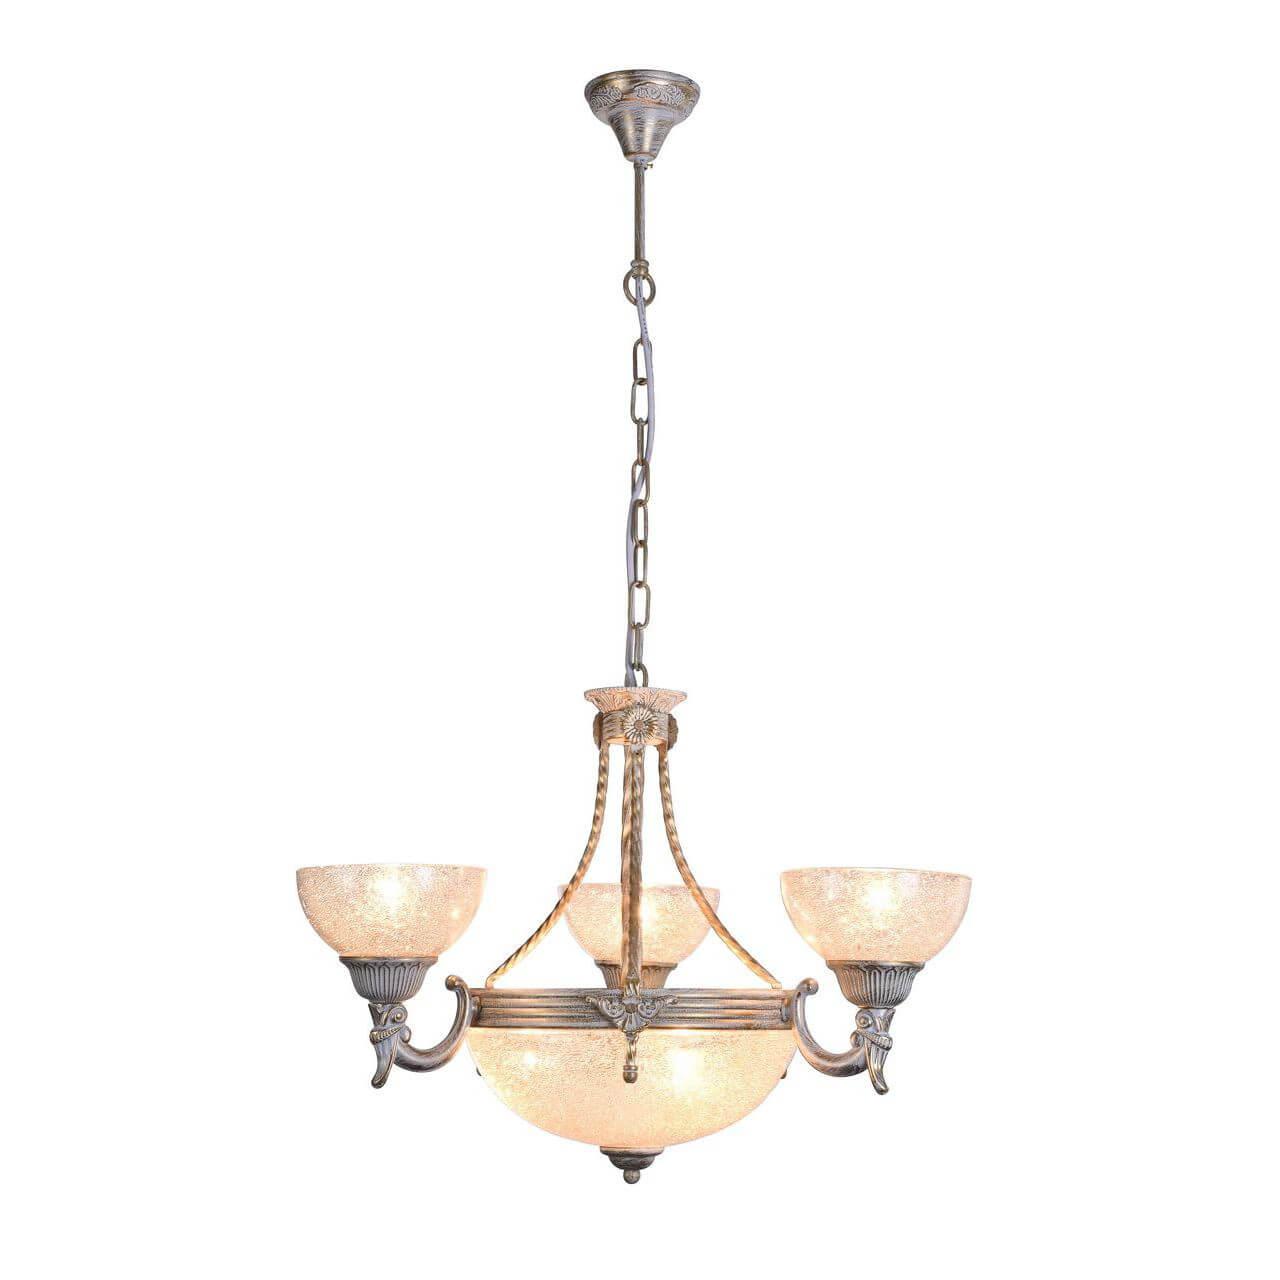 Подвесная люстра Arte Lamp Fedelta A5861LM-3-3WG подвесная люстра arte lamp fedelta a5861lm 3 5wg